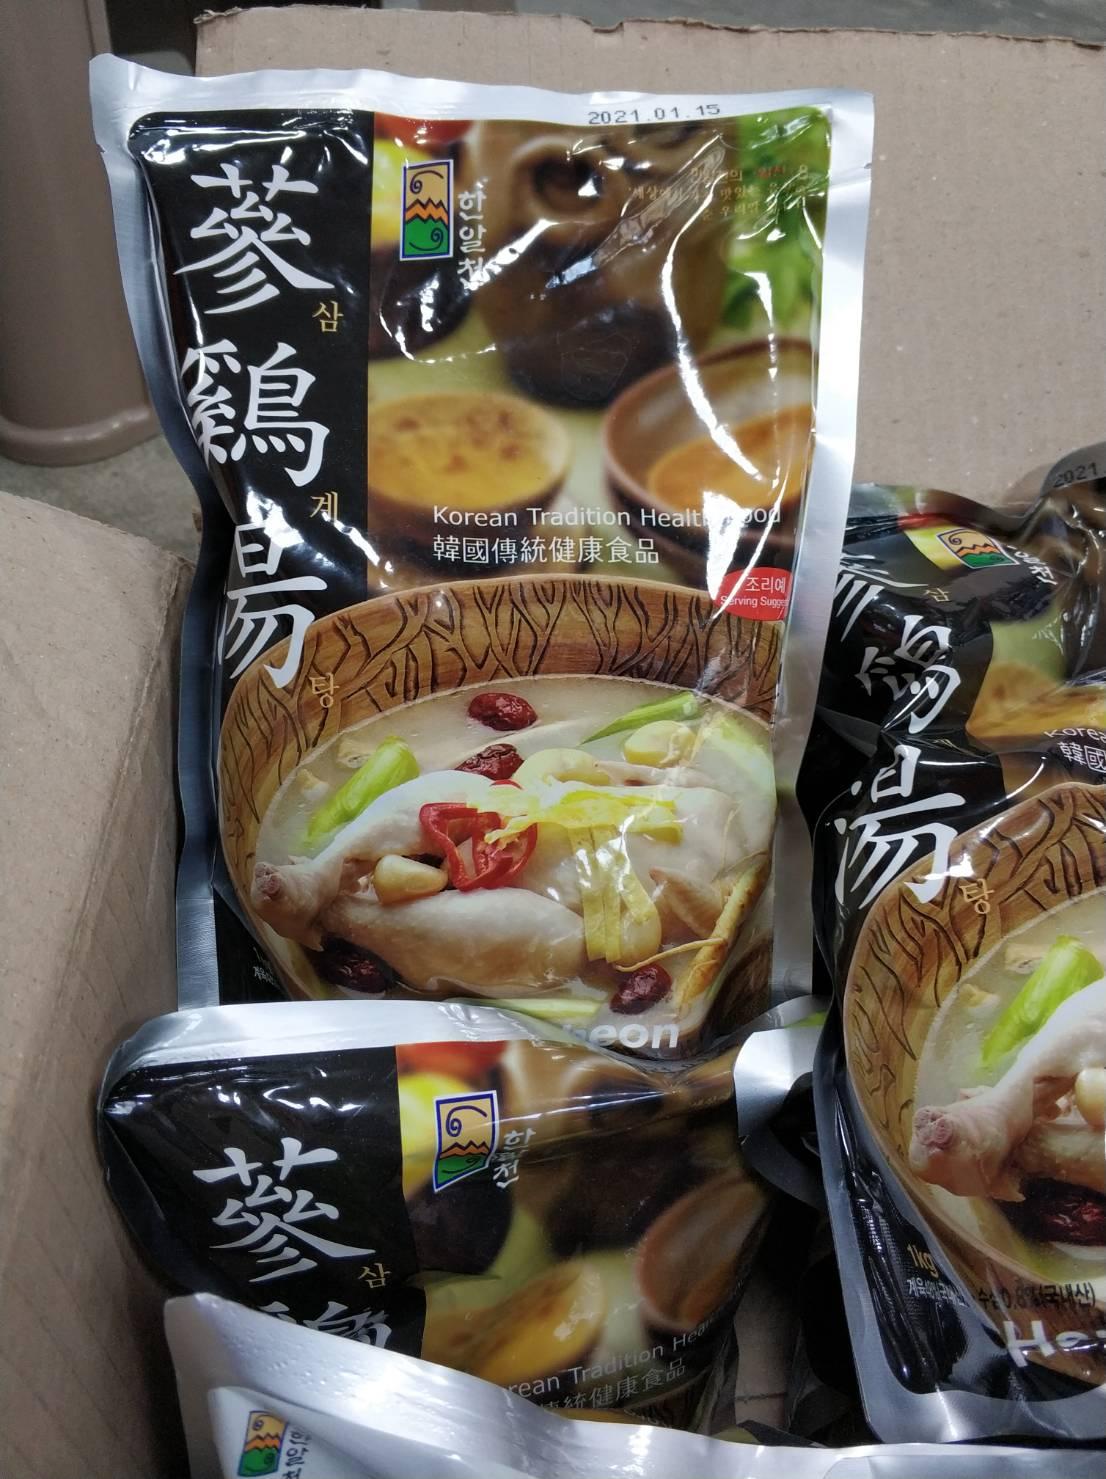 [饞貓]韓國人蔘雞湯1kg